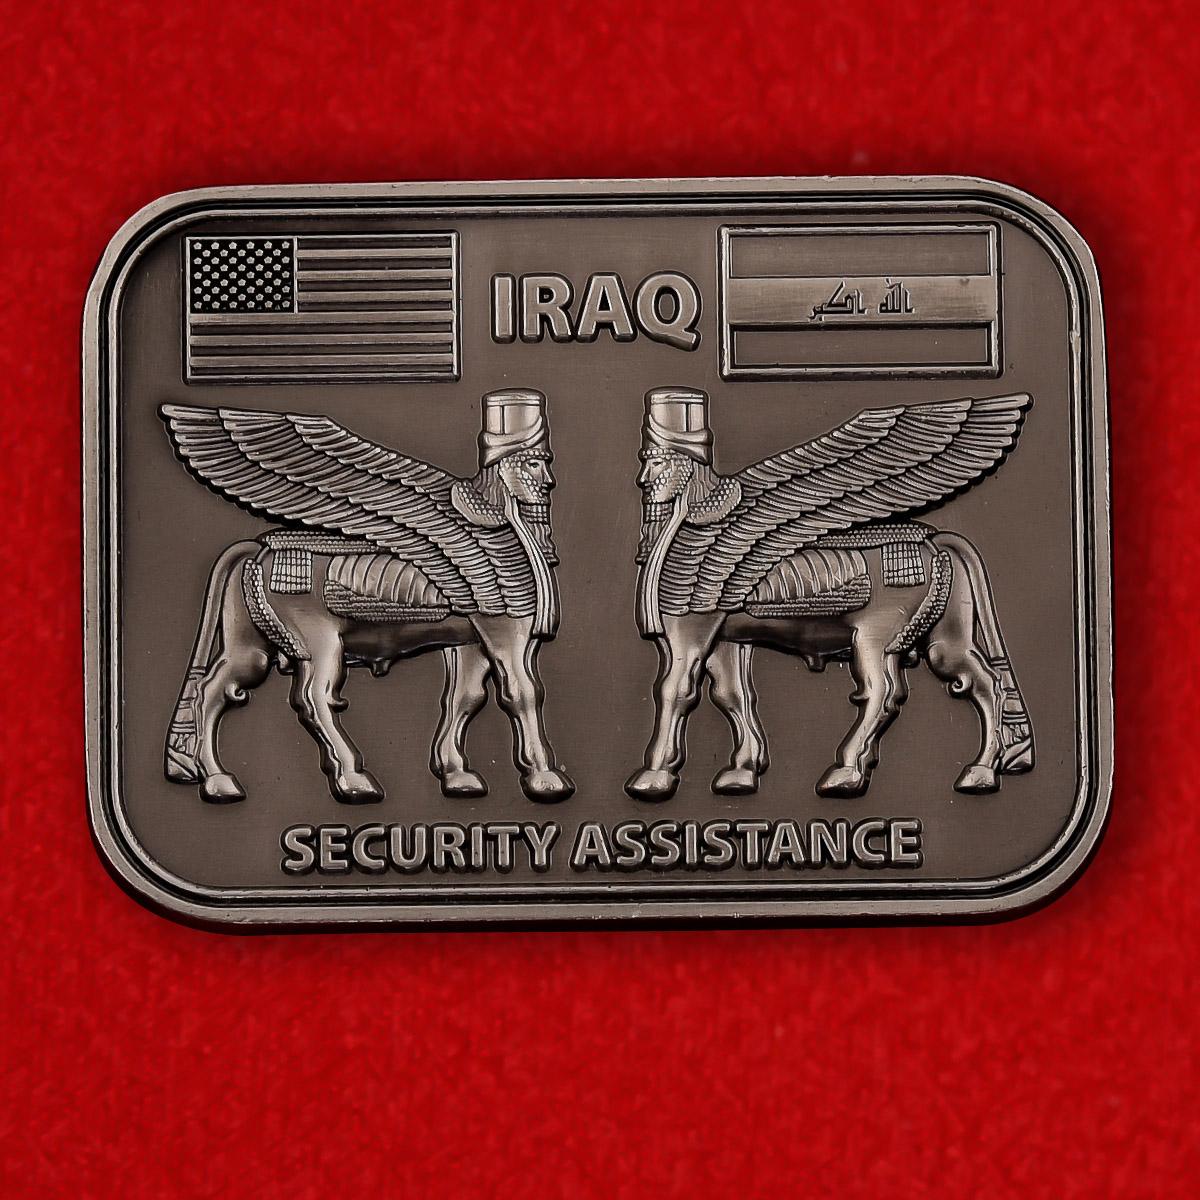 """Челлендж коин """"Представительство Госдепартамента США по обеспечению безопасности и сотрудничества в Ираке"""""""